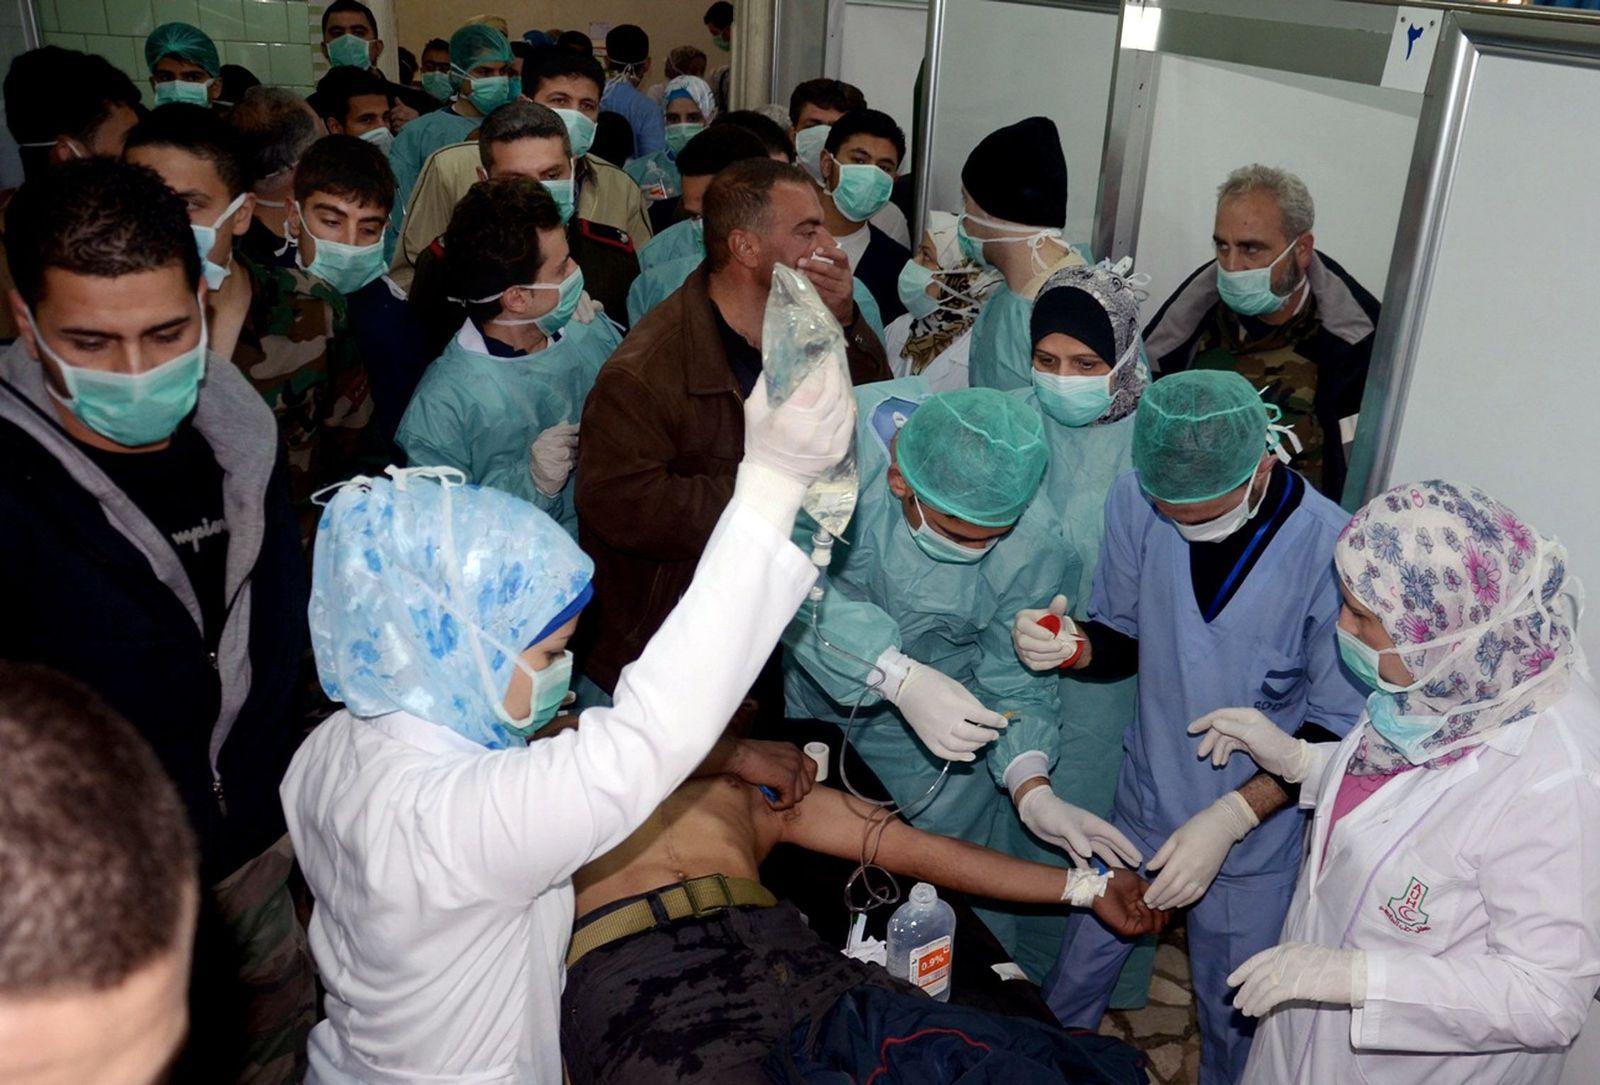 Syrien / Opfer / Chemiewaffeneinsatz